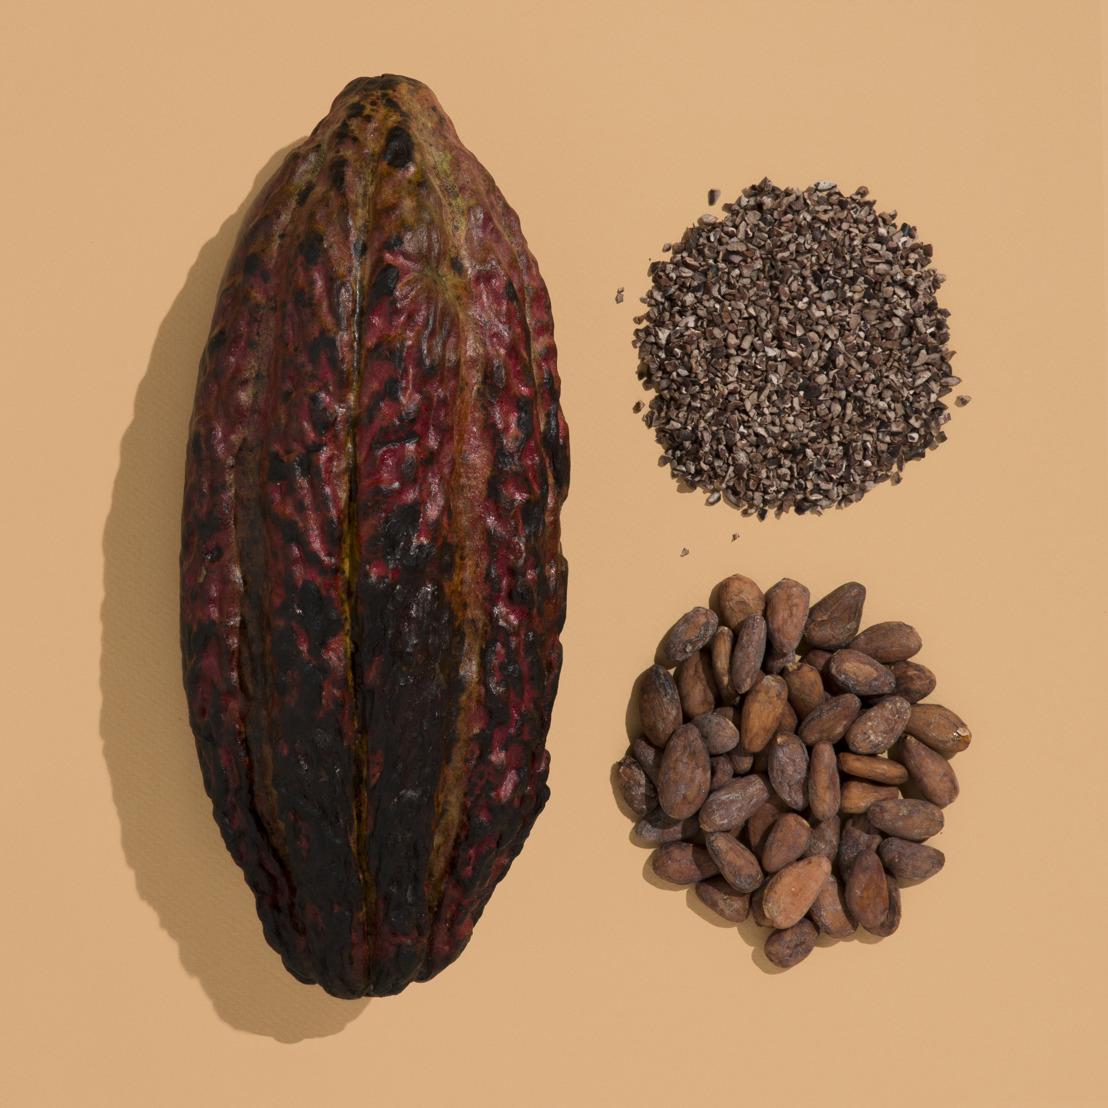 Criollo, il mito del cacao più raro: dal Venezuela arrivano i 2/3 del raccolto mondiale